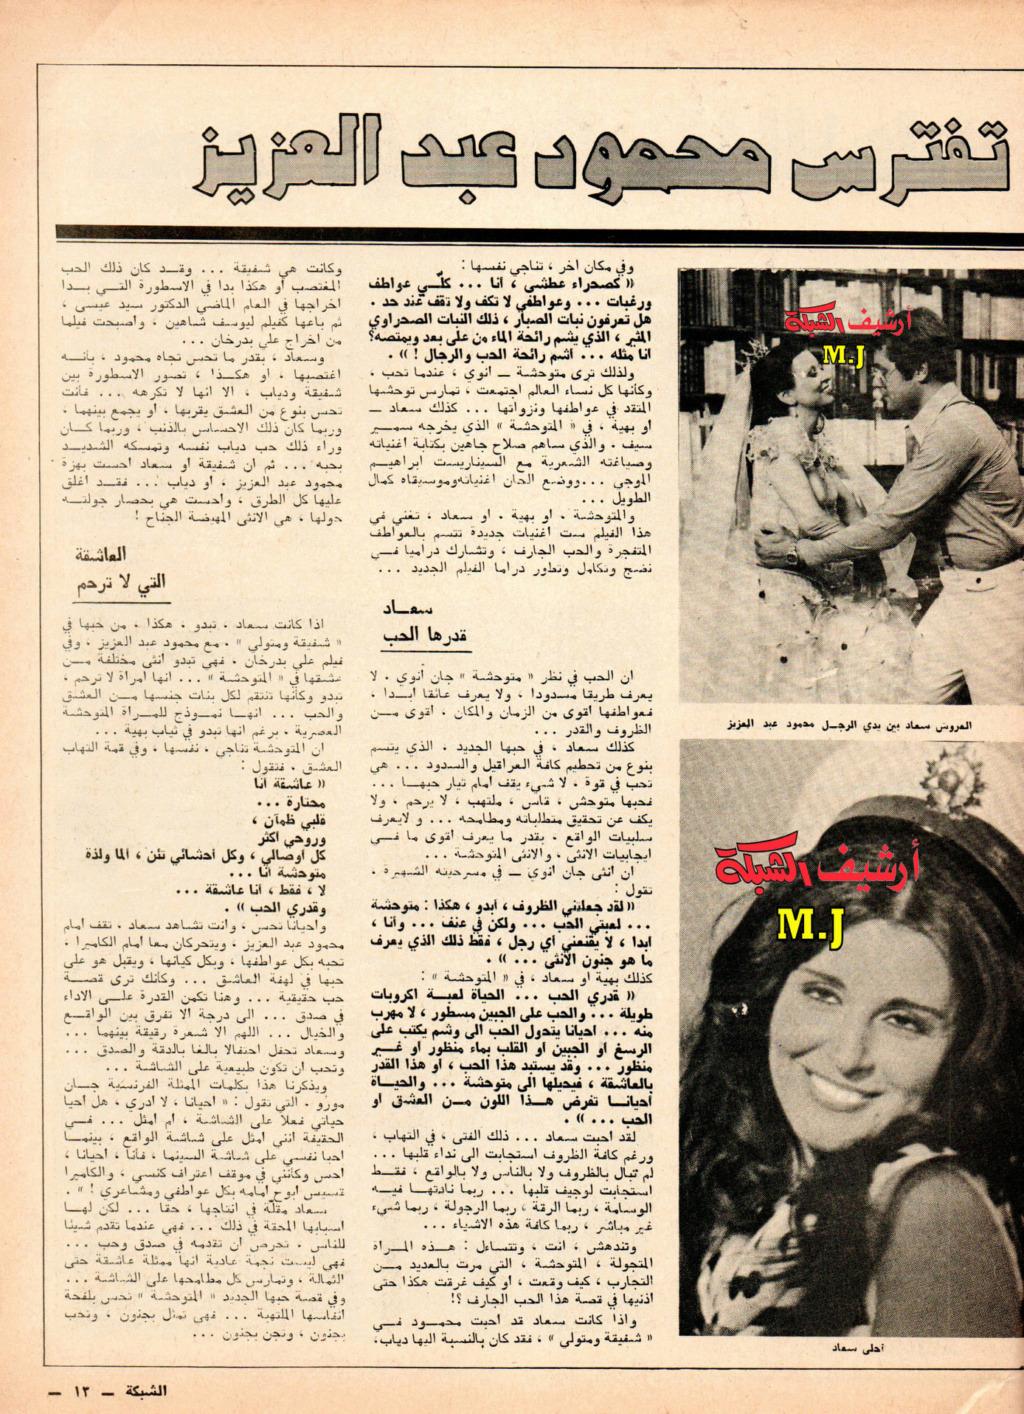 مقال صحفي : سعاد حسني متوحشة تفترس محمود عبدالعزيز 1978 م 212